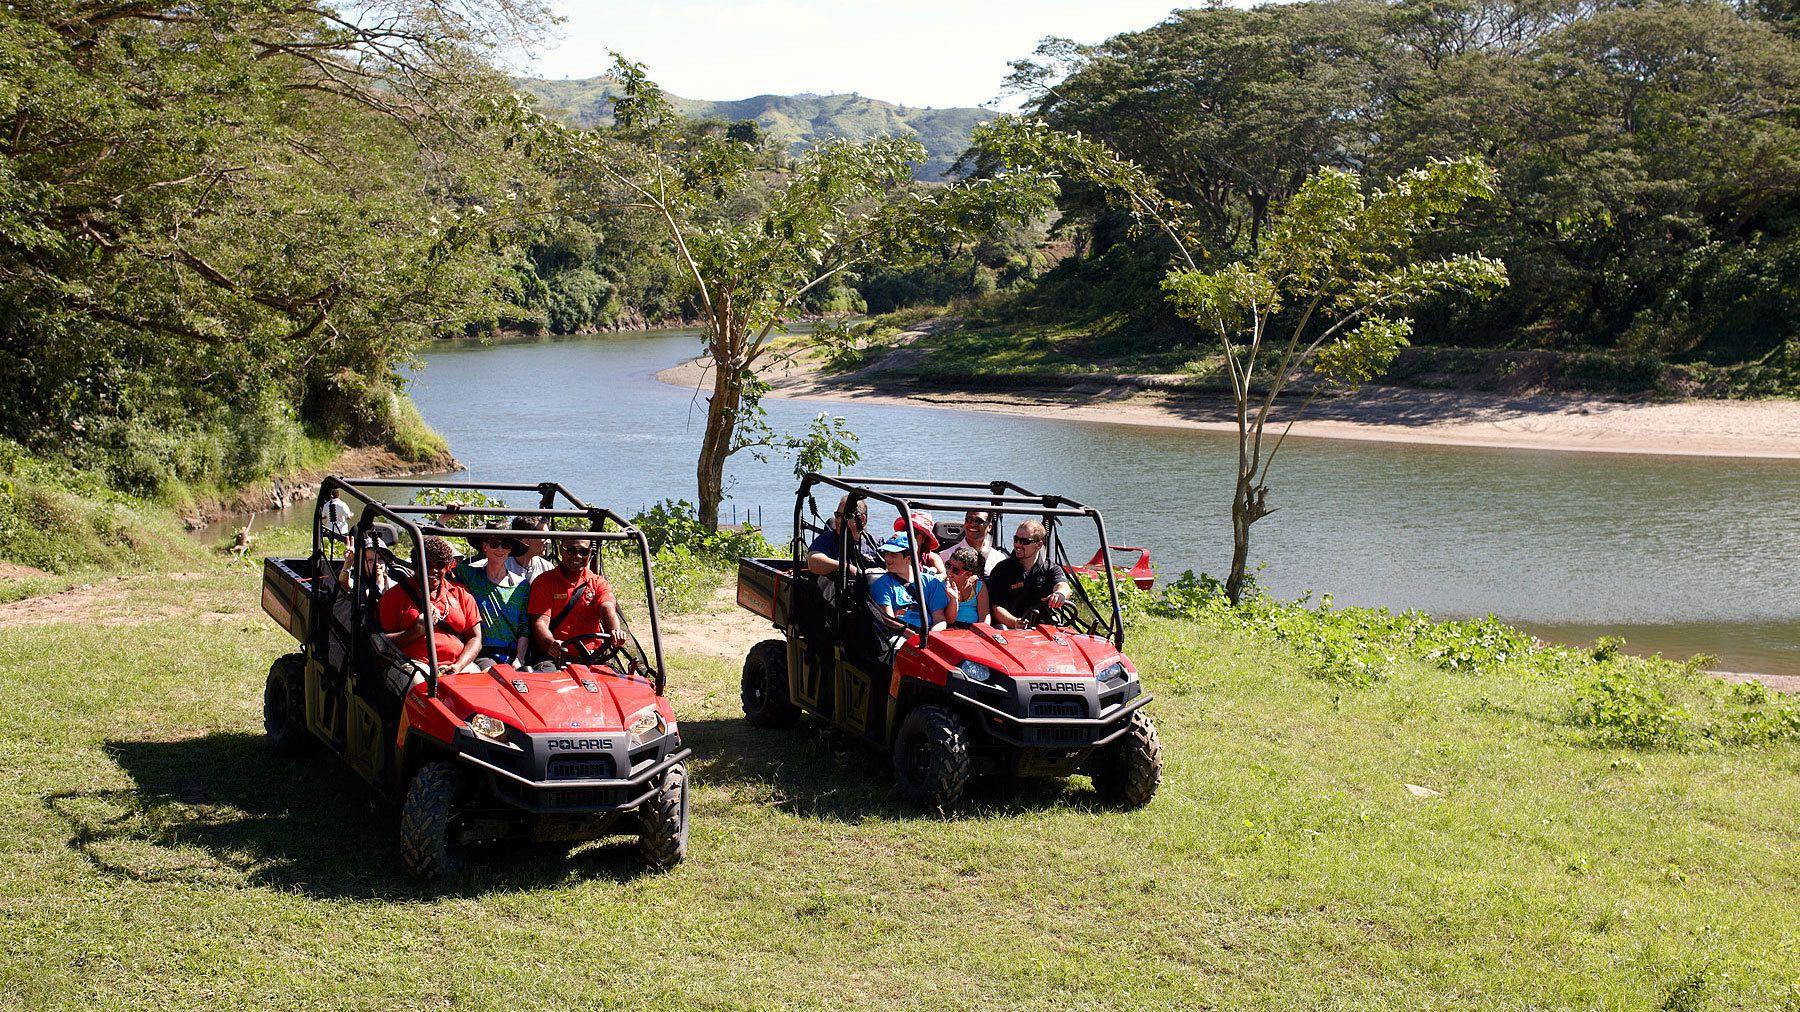 ATV near river in Fiji